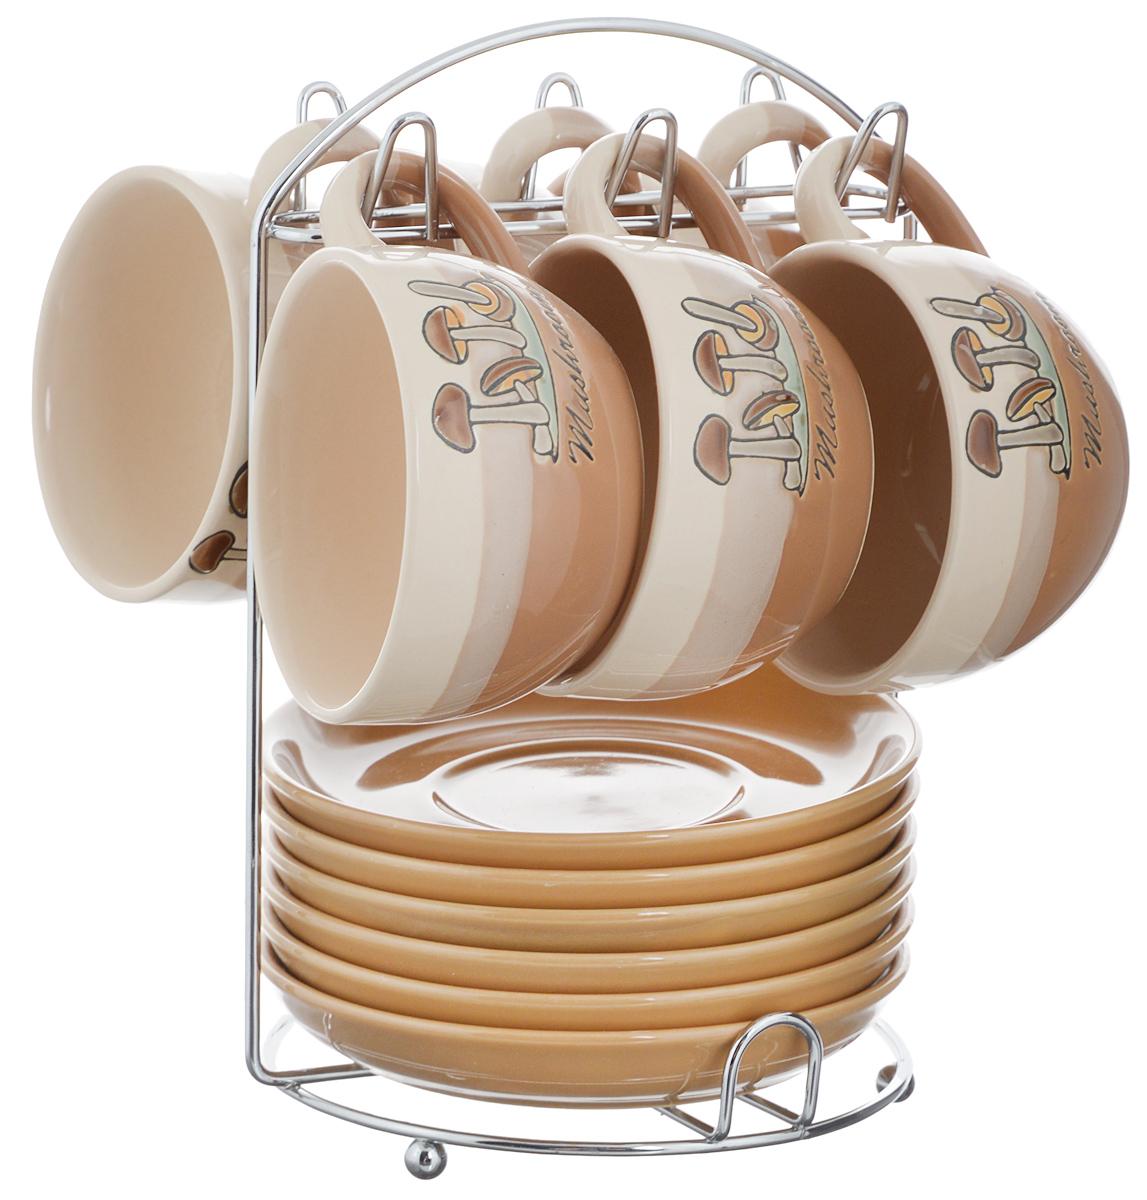 Набор чайный Calve. Грибы, на подставке, 13 предметовCL-2022Набор Calve. Грибы состоит из шести чашек и шести блюдец, изготовленных из высококачественного фарфора. Чашки оформлены ярким изображением грибов. Изделия расположены на металлической подставке. Такой набор подходит для подачи чая или кофе. Изящный дизайн придется по вкусу и ценителям классики, и тем, кто предпочитает утонченность и изысканность. Он настроит на позитивный лад и подарит хорошее настроение с самого утра. Чайный набор Calve. Грибы - идеальный и необходимый подарок для вашего дома и для ваших друзей в праздники. Можно мыть в посудомоечной машине. Объем чашки: 220 мл. Диаметр чашки (по верхнему краю): 9,5 см. Высота чашки: 6,3 см. Диаметр блюдца: 14,5 см. Высота блюдца: 2,3 см. Размер подставки: 16,5 х 16 х 22,5 см.